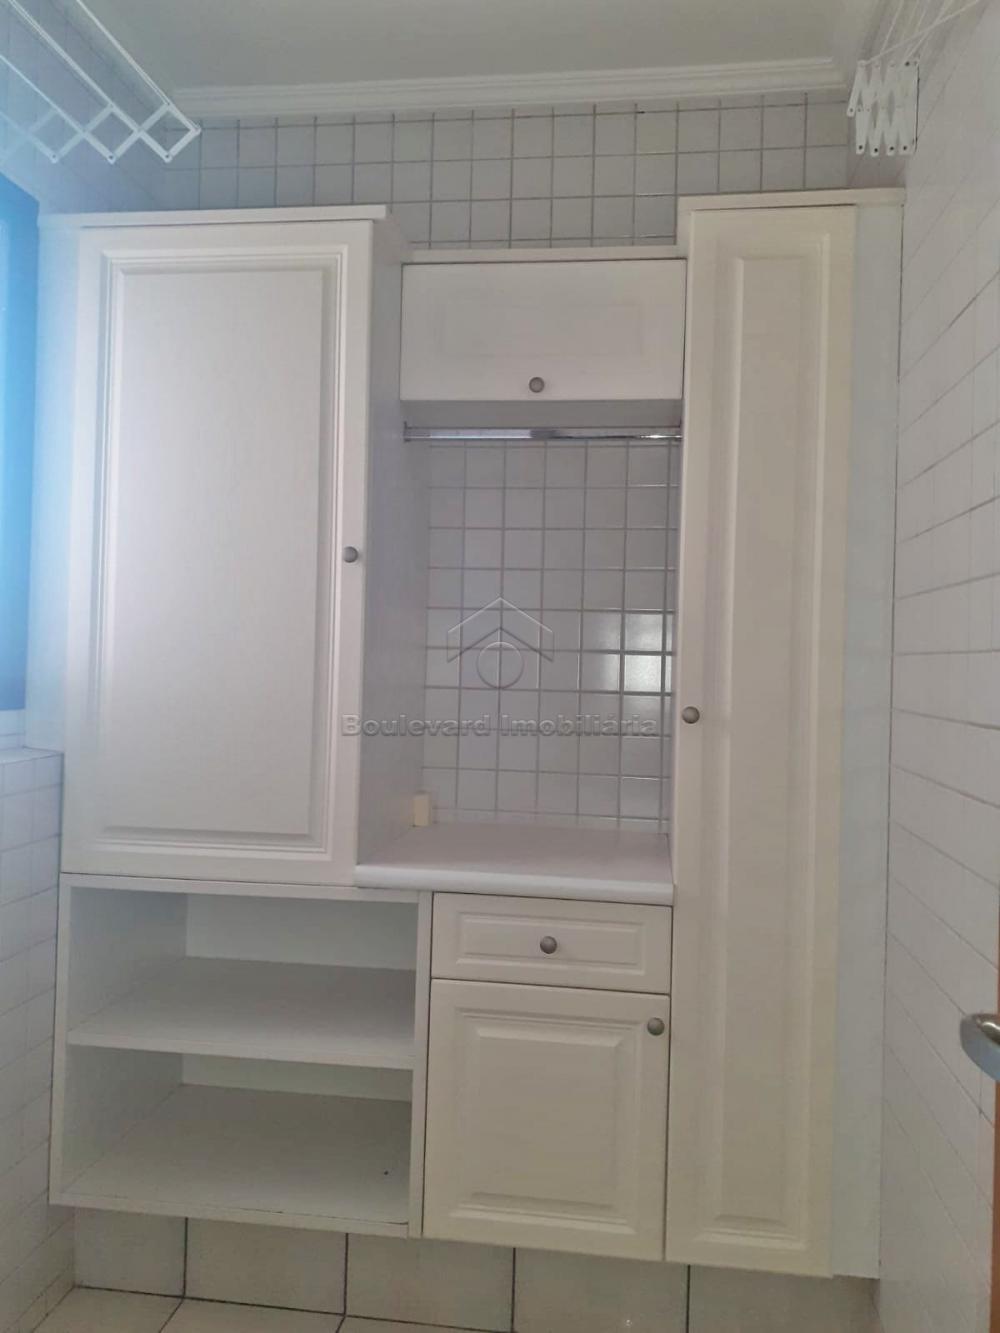 Alugar Apartamento / Padrão em Ribeirão Preto R$ 2.200,00 - Foto 32